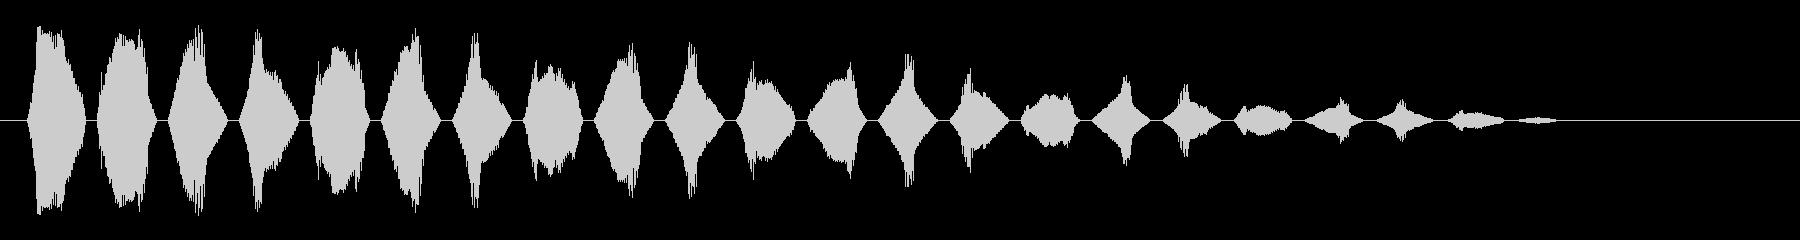 チリリリ(高く鋭い音)の未再生の波形